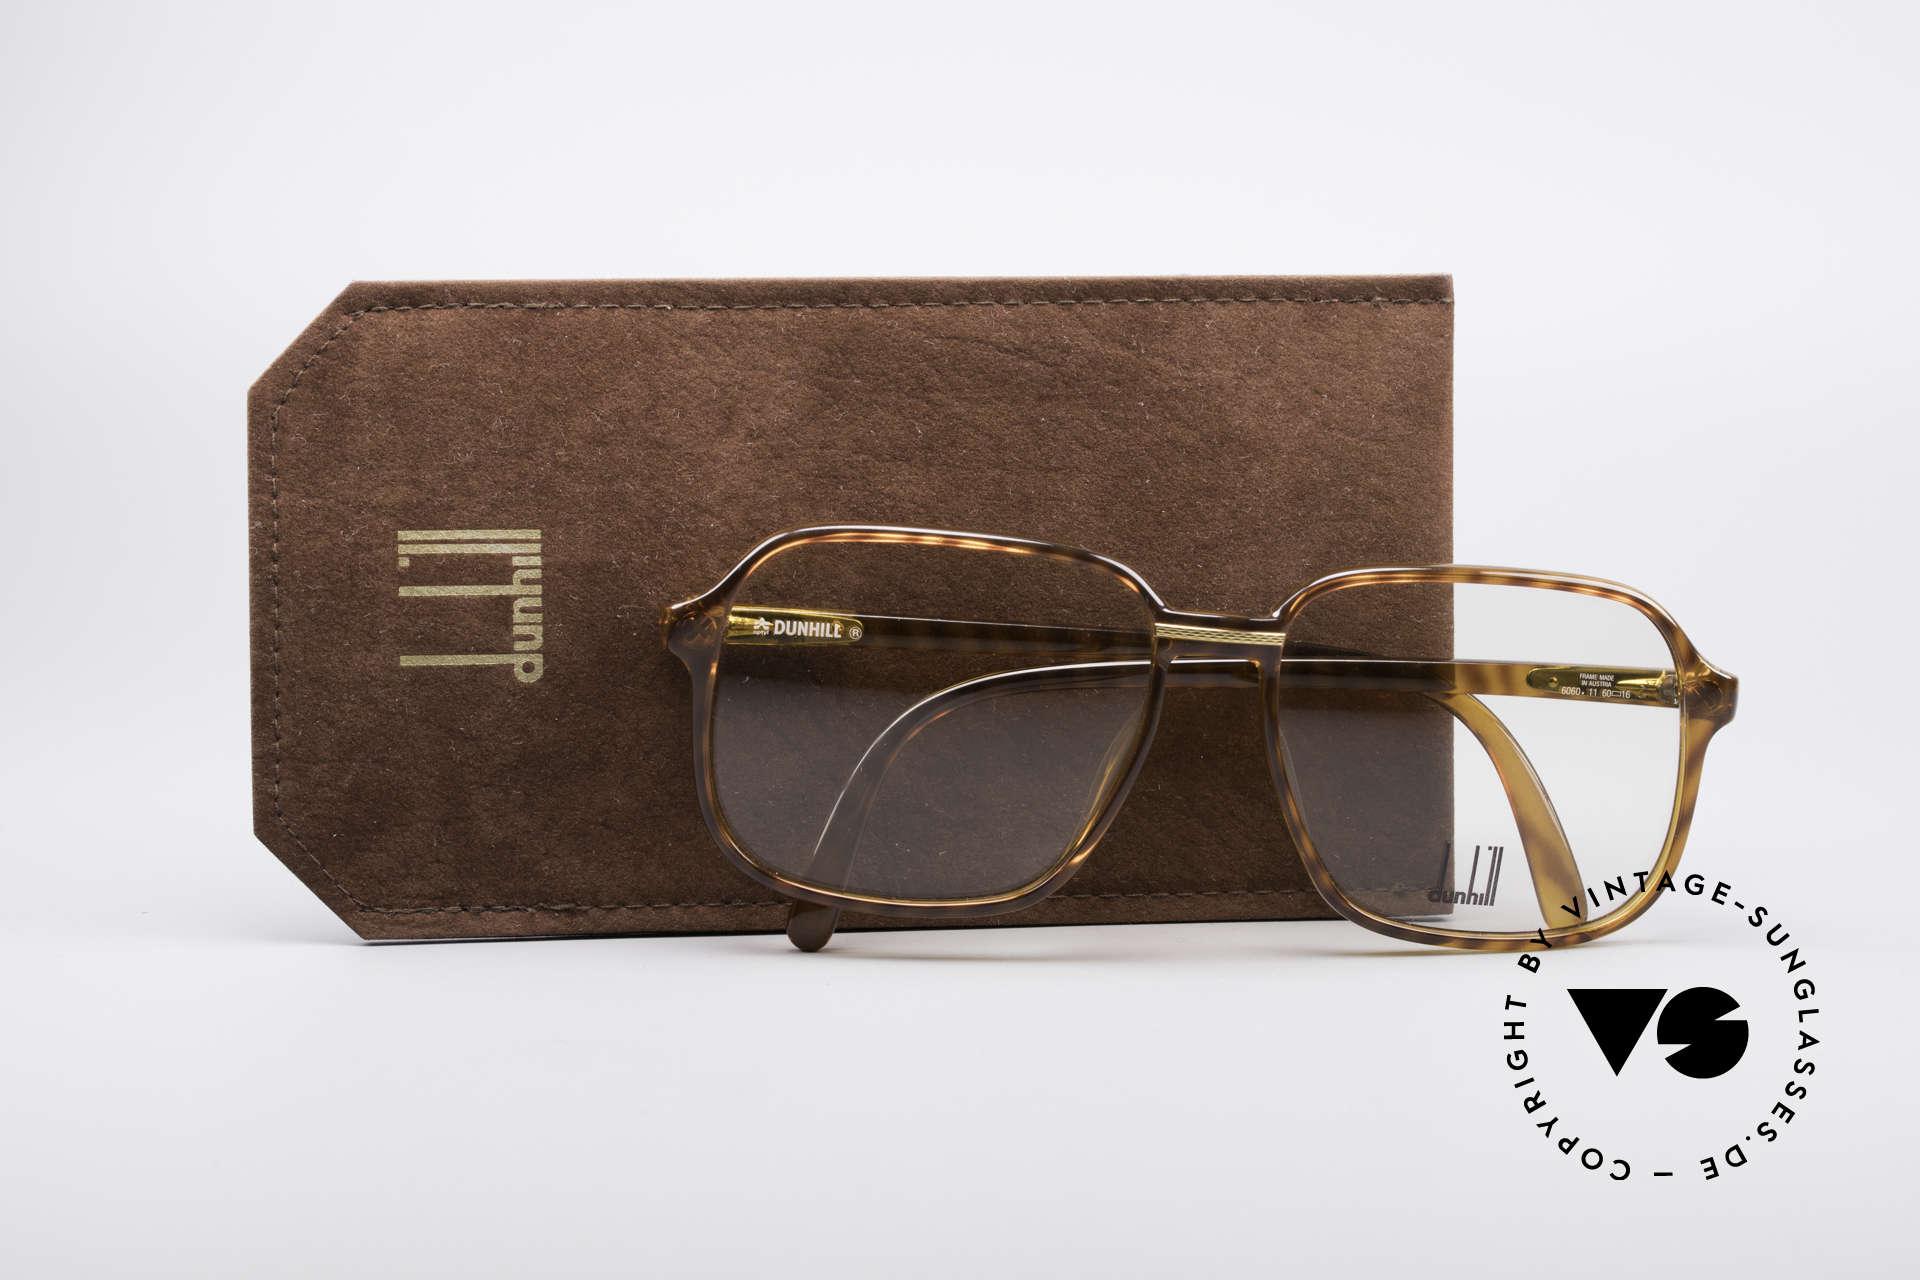 Dunhill 6060 Klassische 80er Brille Vintage, KEINE Retrobrille, sondern ein 30 Jahre altes Unikat!, Passend für Herren